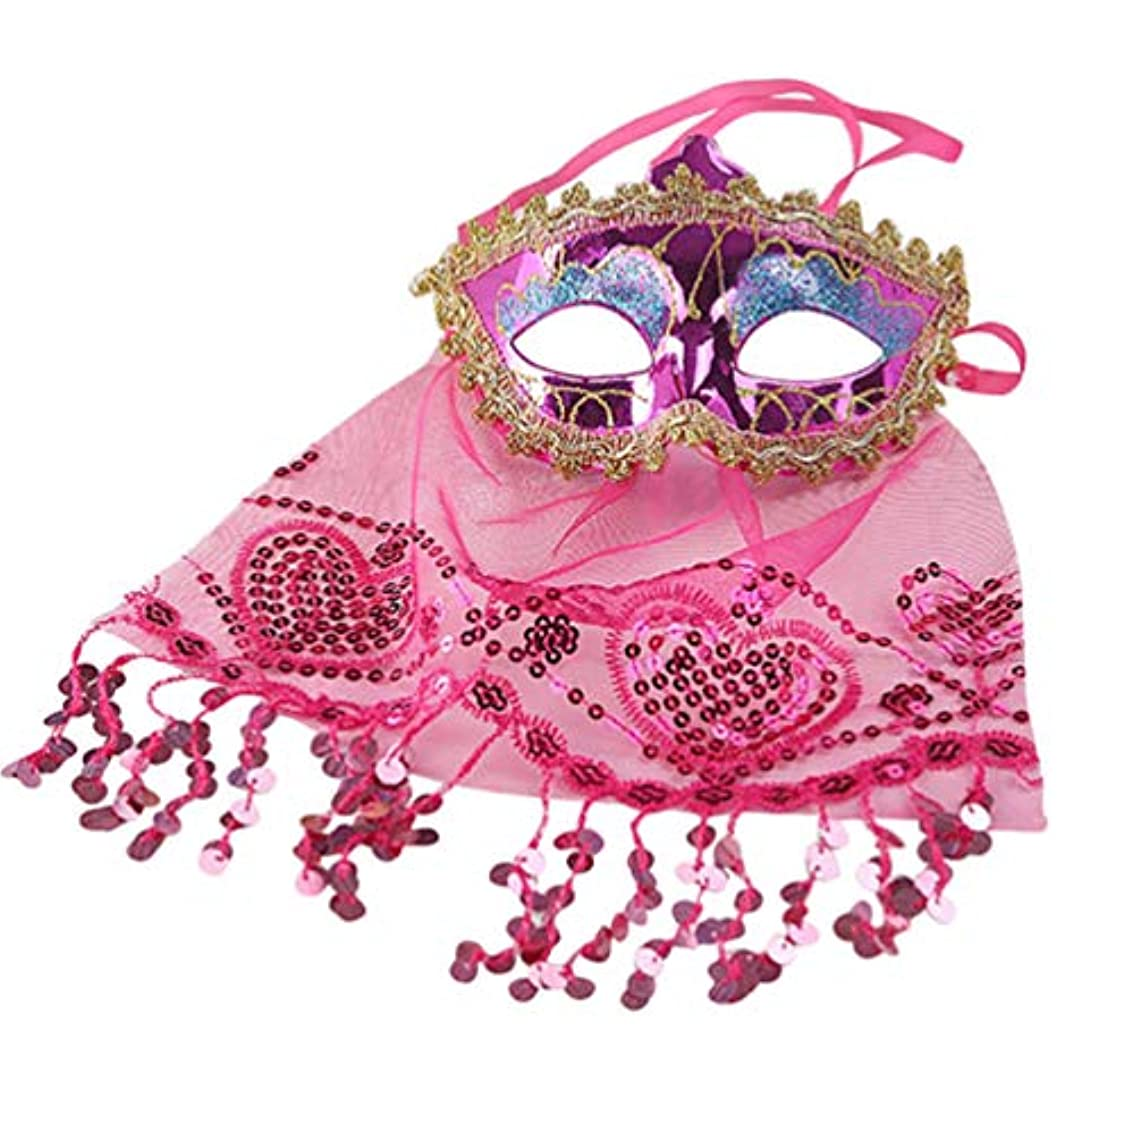 考案するバーゲンファイアルTOYANDONA ベールマスク ベリーダンスベール 踊り パーティー 魅力的 仮面舞踏会マスク ハロウィンコスチューム